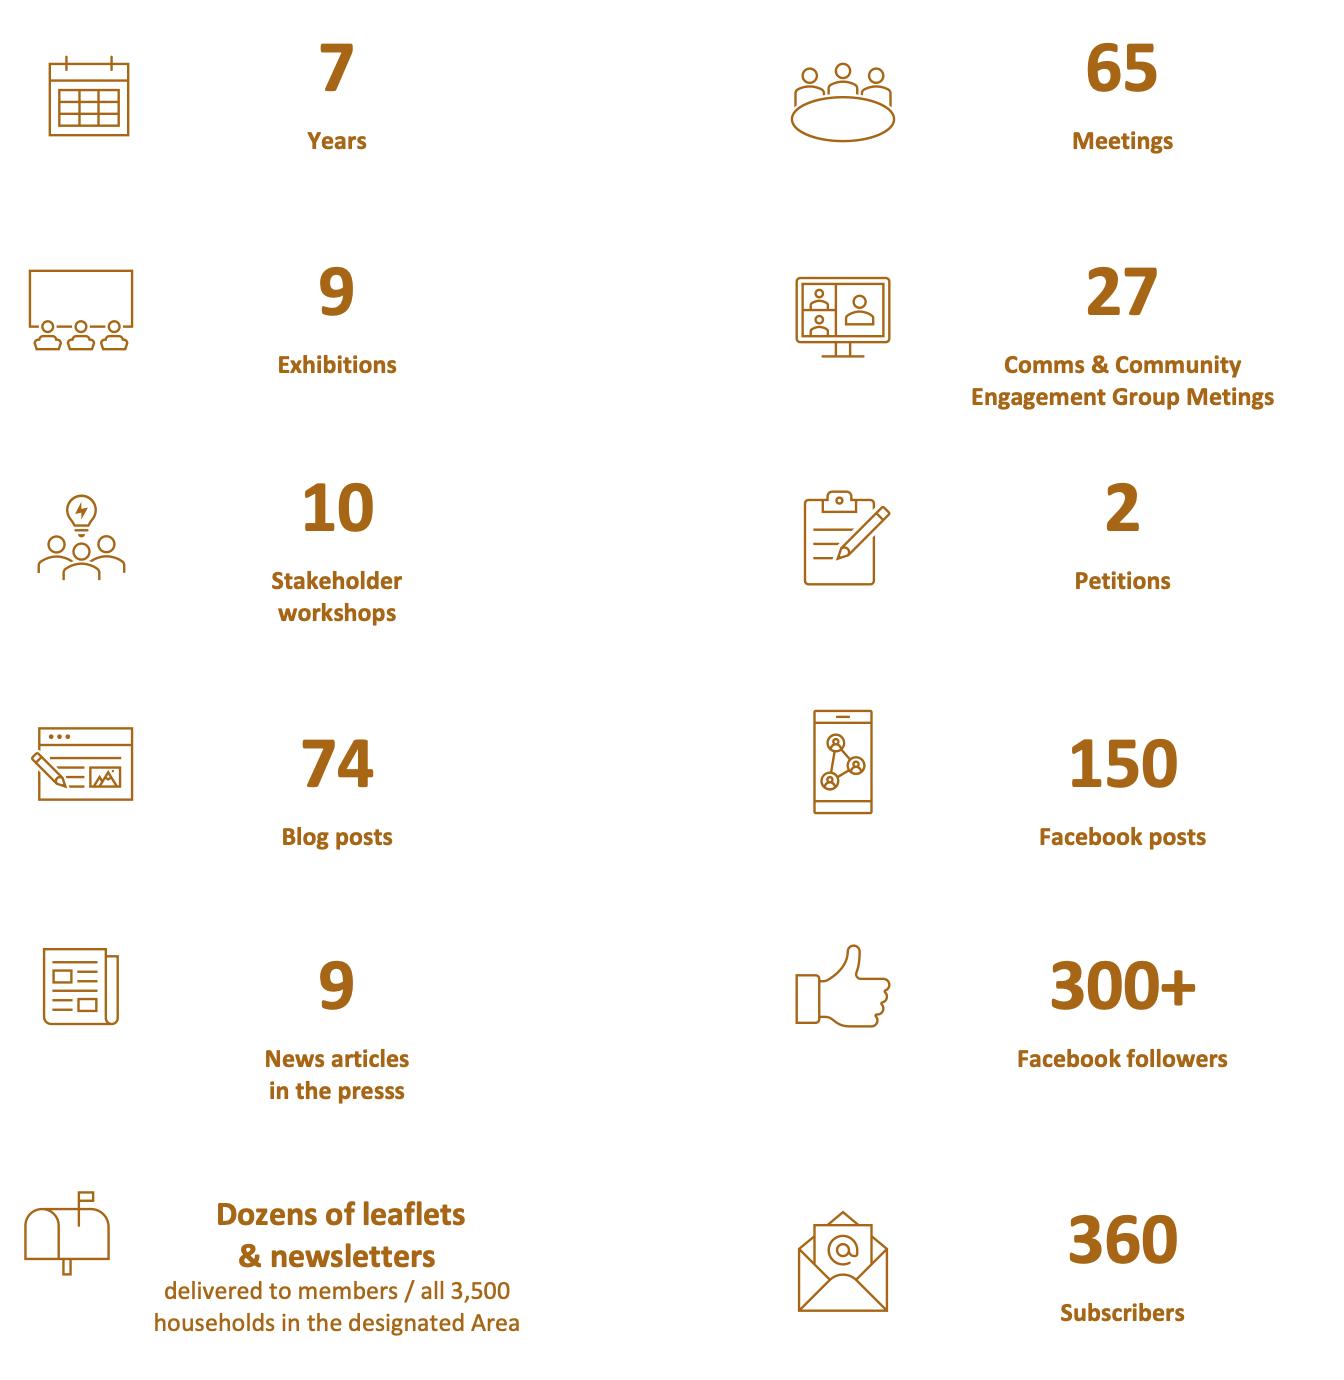 Consultation statistics